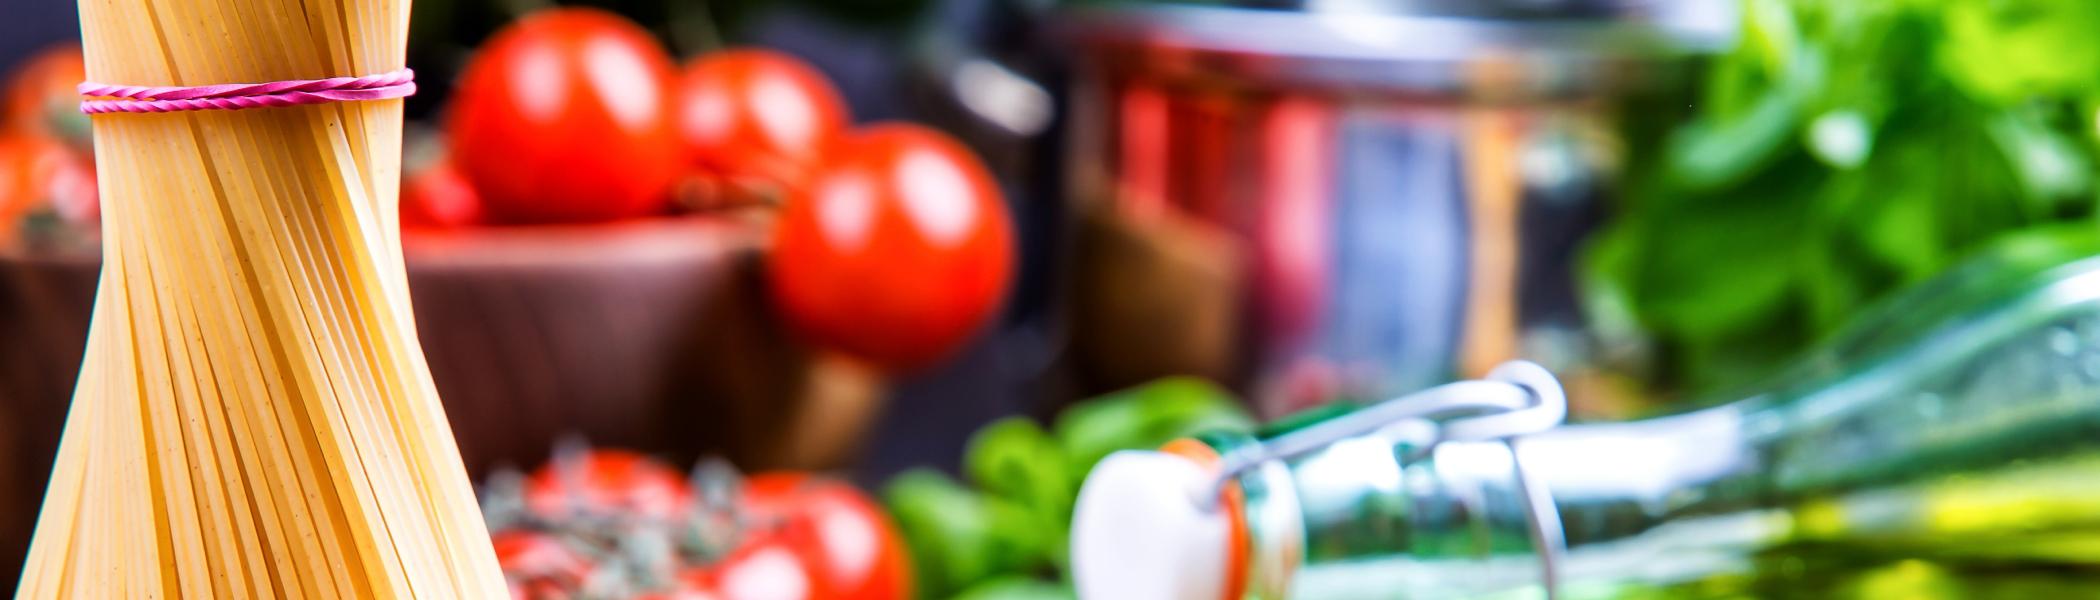 食品與農業產業